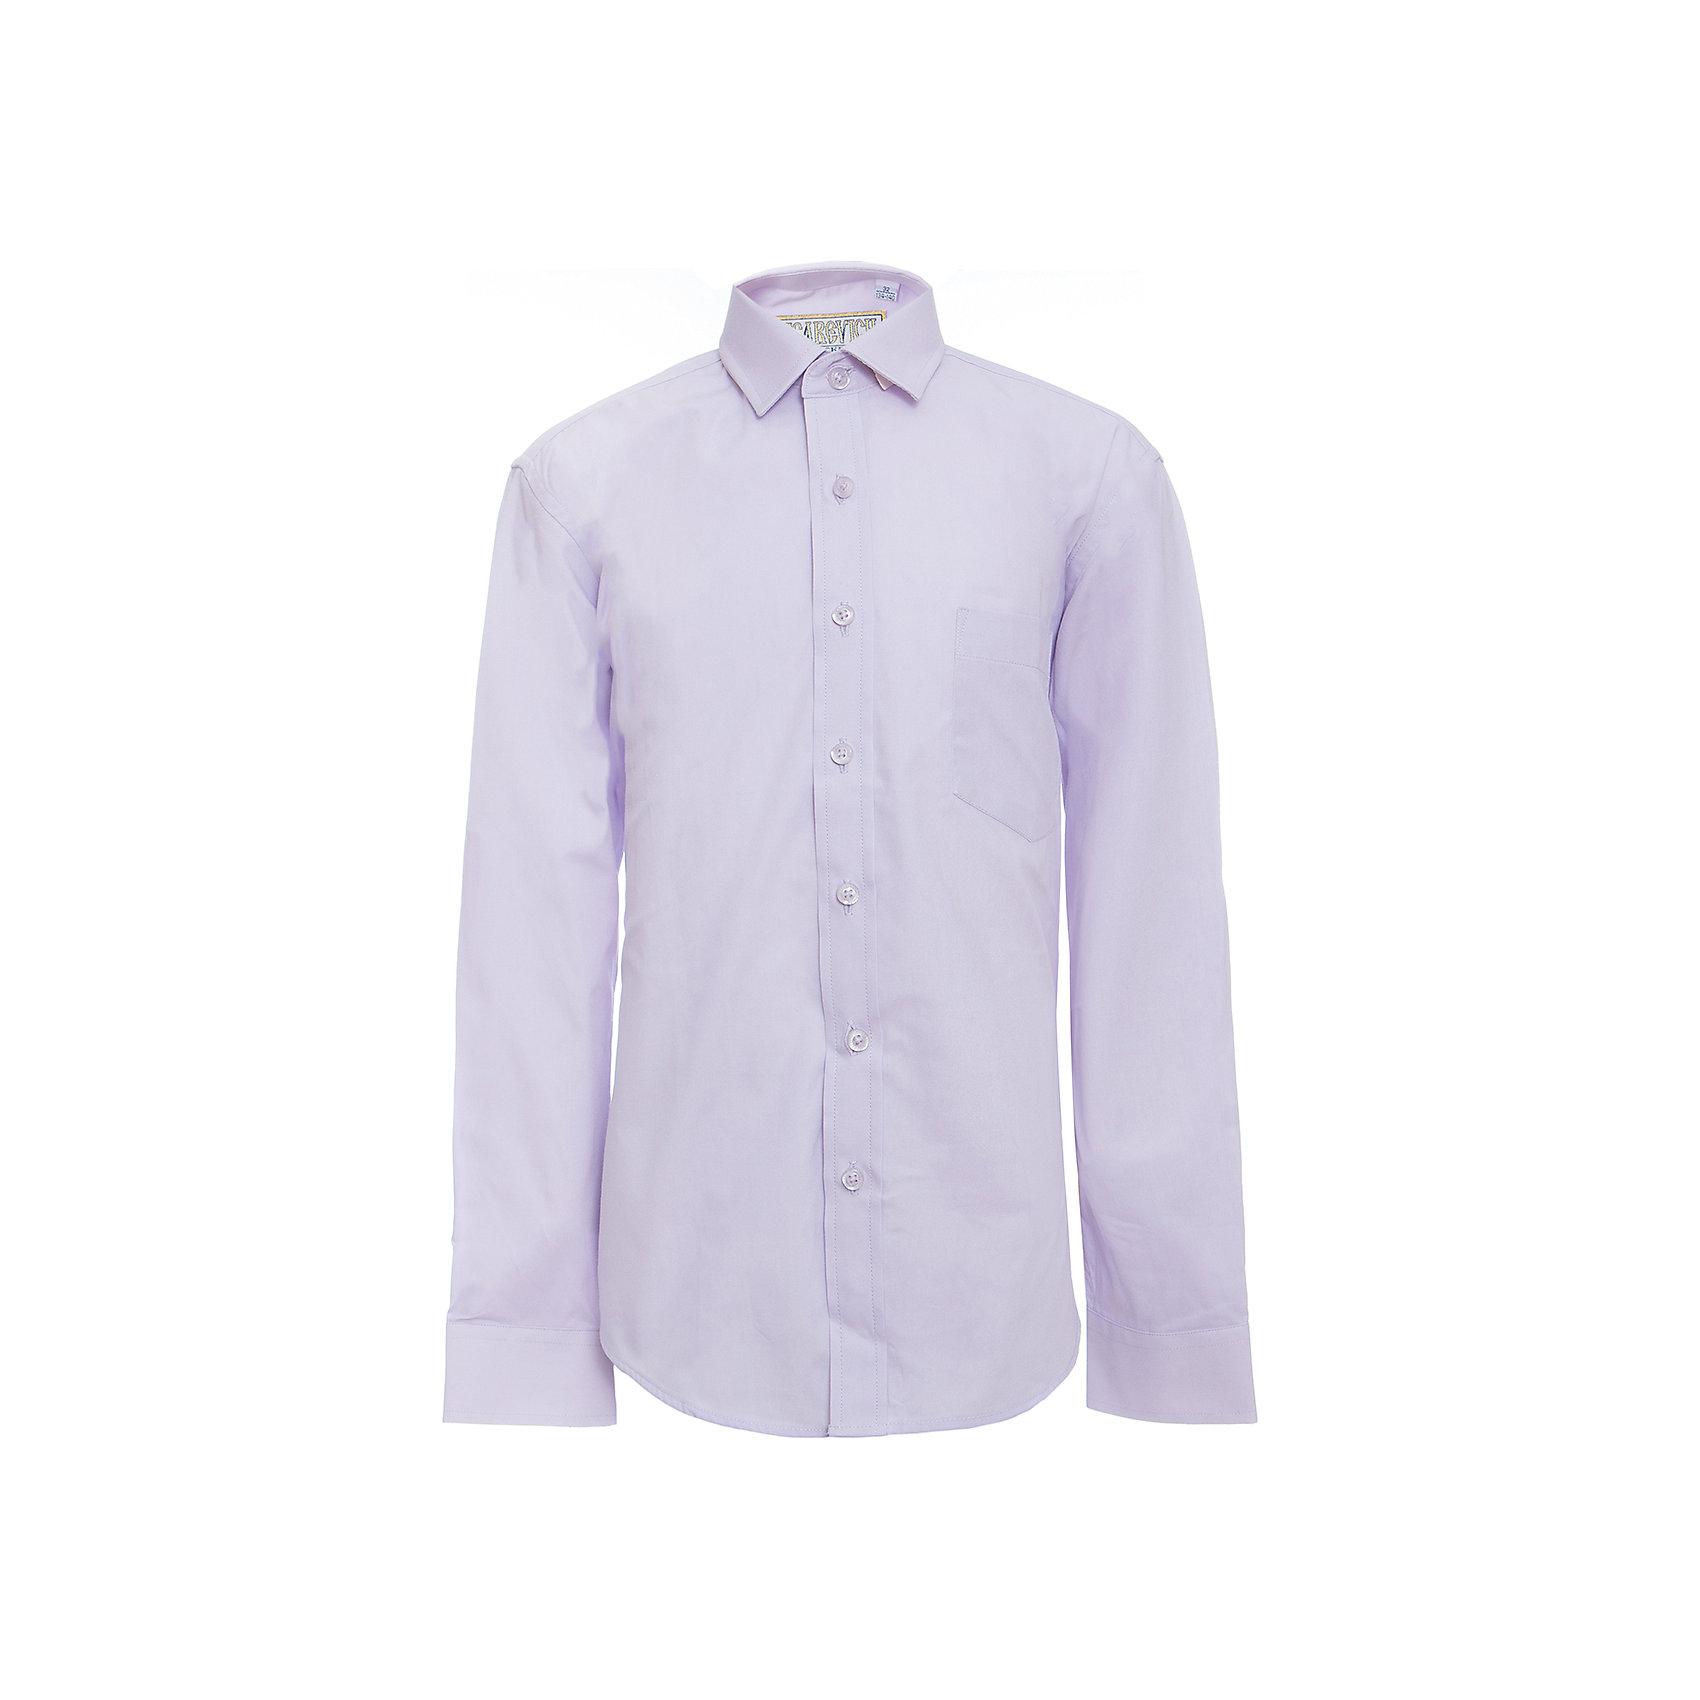 Рубашка для мальчика TsarevichБлузки и рубашки<br>Характеристики товара:<br><br>• цвет: сиреневый<br>• состав ткани: 80% хлопок, 20% полиэстер<br>• особенности: школьная, праздничная<br>• застежка: пуговицы<br>• рукава: длинные<br>• сезон: круглый год<br>• страна бренда: Российская Федерация<br>• страна изготовитель: Китай<br><br>Сорочка классического кроя для мальчика - отличный вариант практичной и стильной школьной одежды.<br><br>Классическая форма, накладной карман, воротник с отсрочкой, свободный крой, дышащая ткань с преобладанием хлопка - красиво и удобно.<br><br>Рубашку для мальчика Tsarevich (Царевич) можно купить в нашем интернет-магазине.<br><br>Ширина мм: 174<br>Глубина мм: 10<br>Высота мм: 169<br>Вес г: 157<br>Цвет: лиловый<br>Возраст от месяцев: 108<br>Возраст до месяцев: 120<br>Пол: Мужской<br>Возраст: Детский<br>Размер: 140/146,146/152,146/152,152/158,152/158,158/164,164/170,122/128,128/134,134/140<br>SKU: 6860677